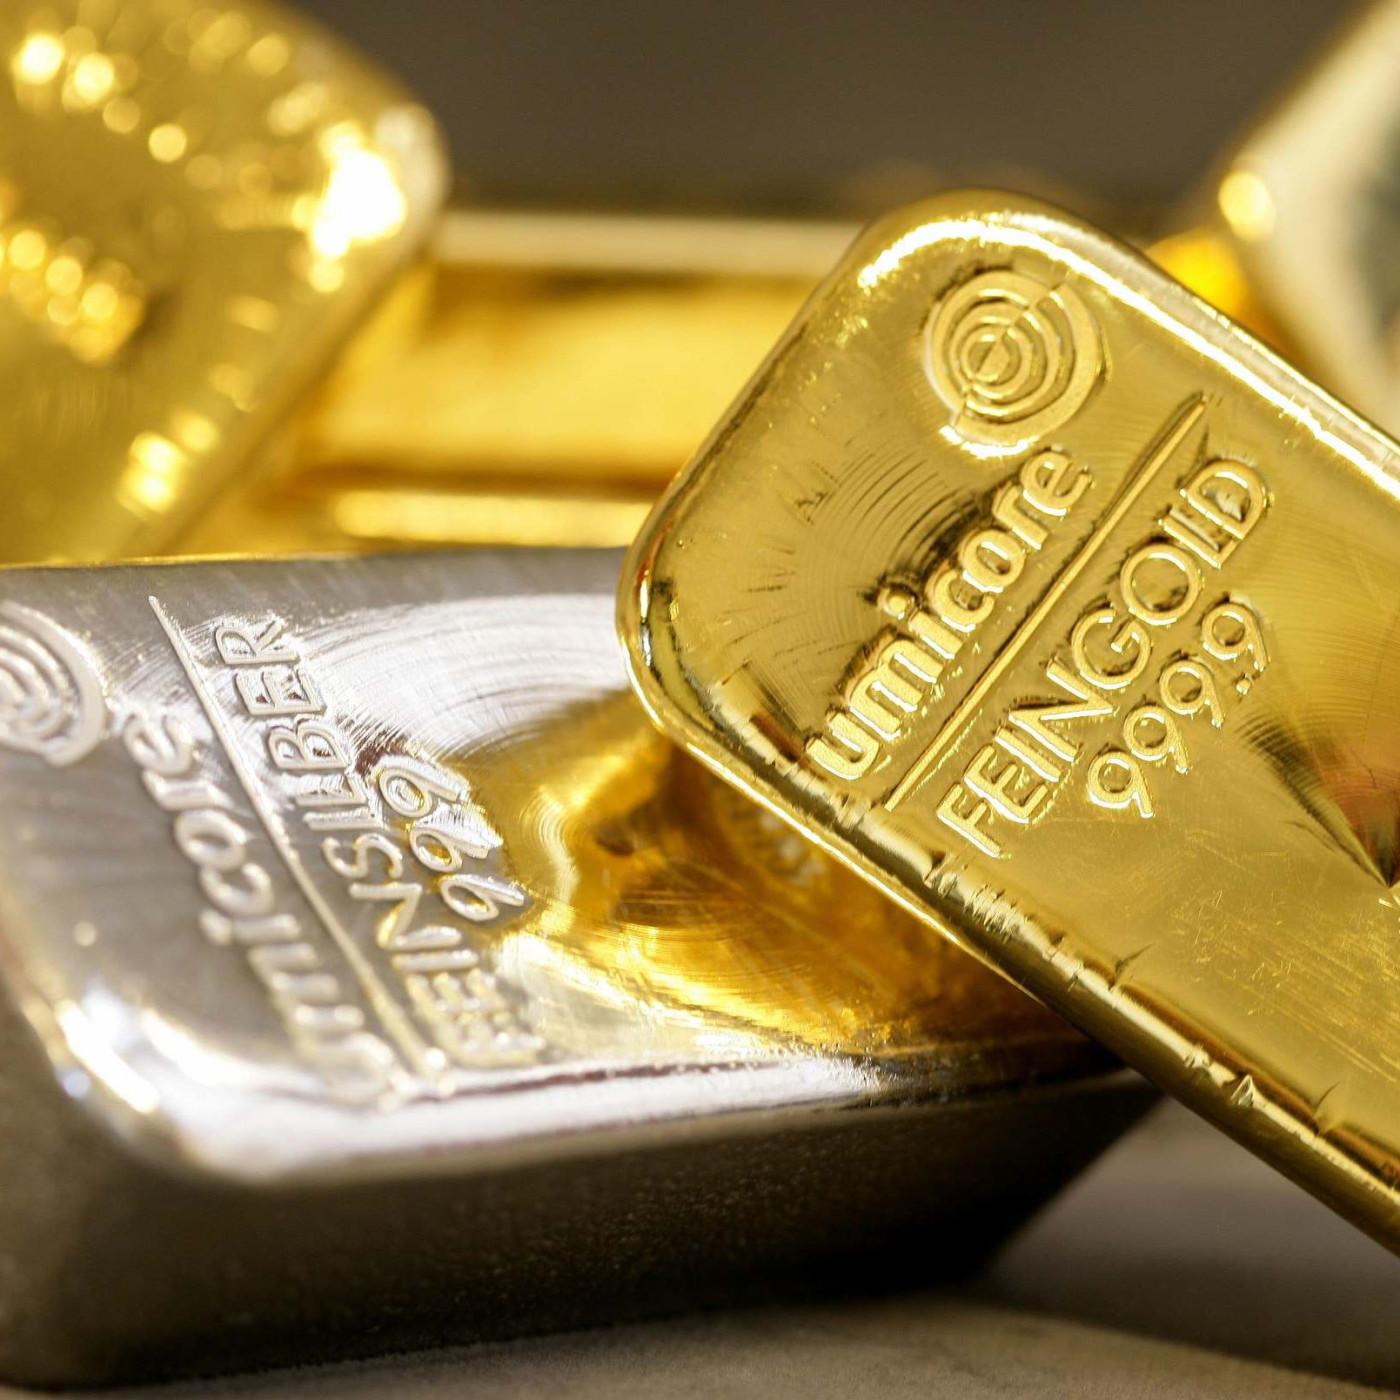 Es El Oro Buena Inversión?